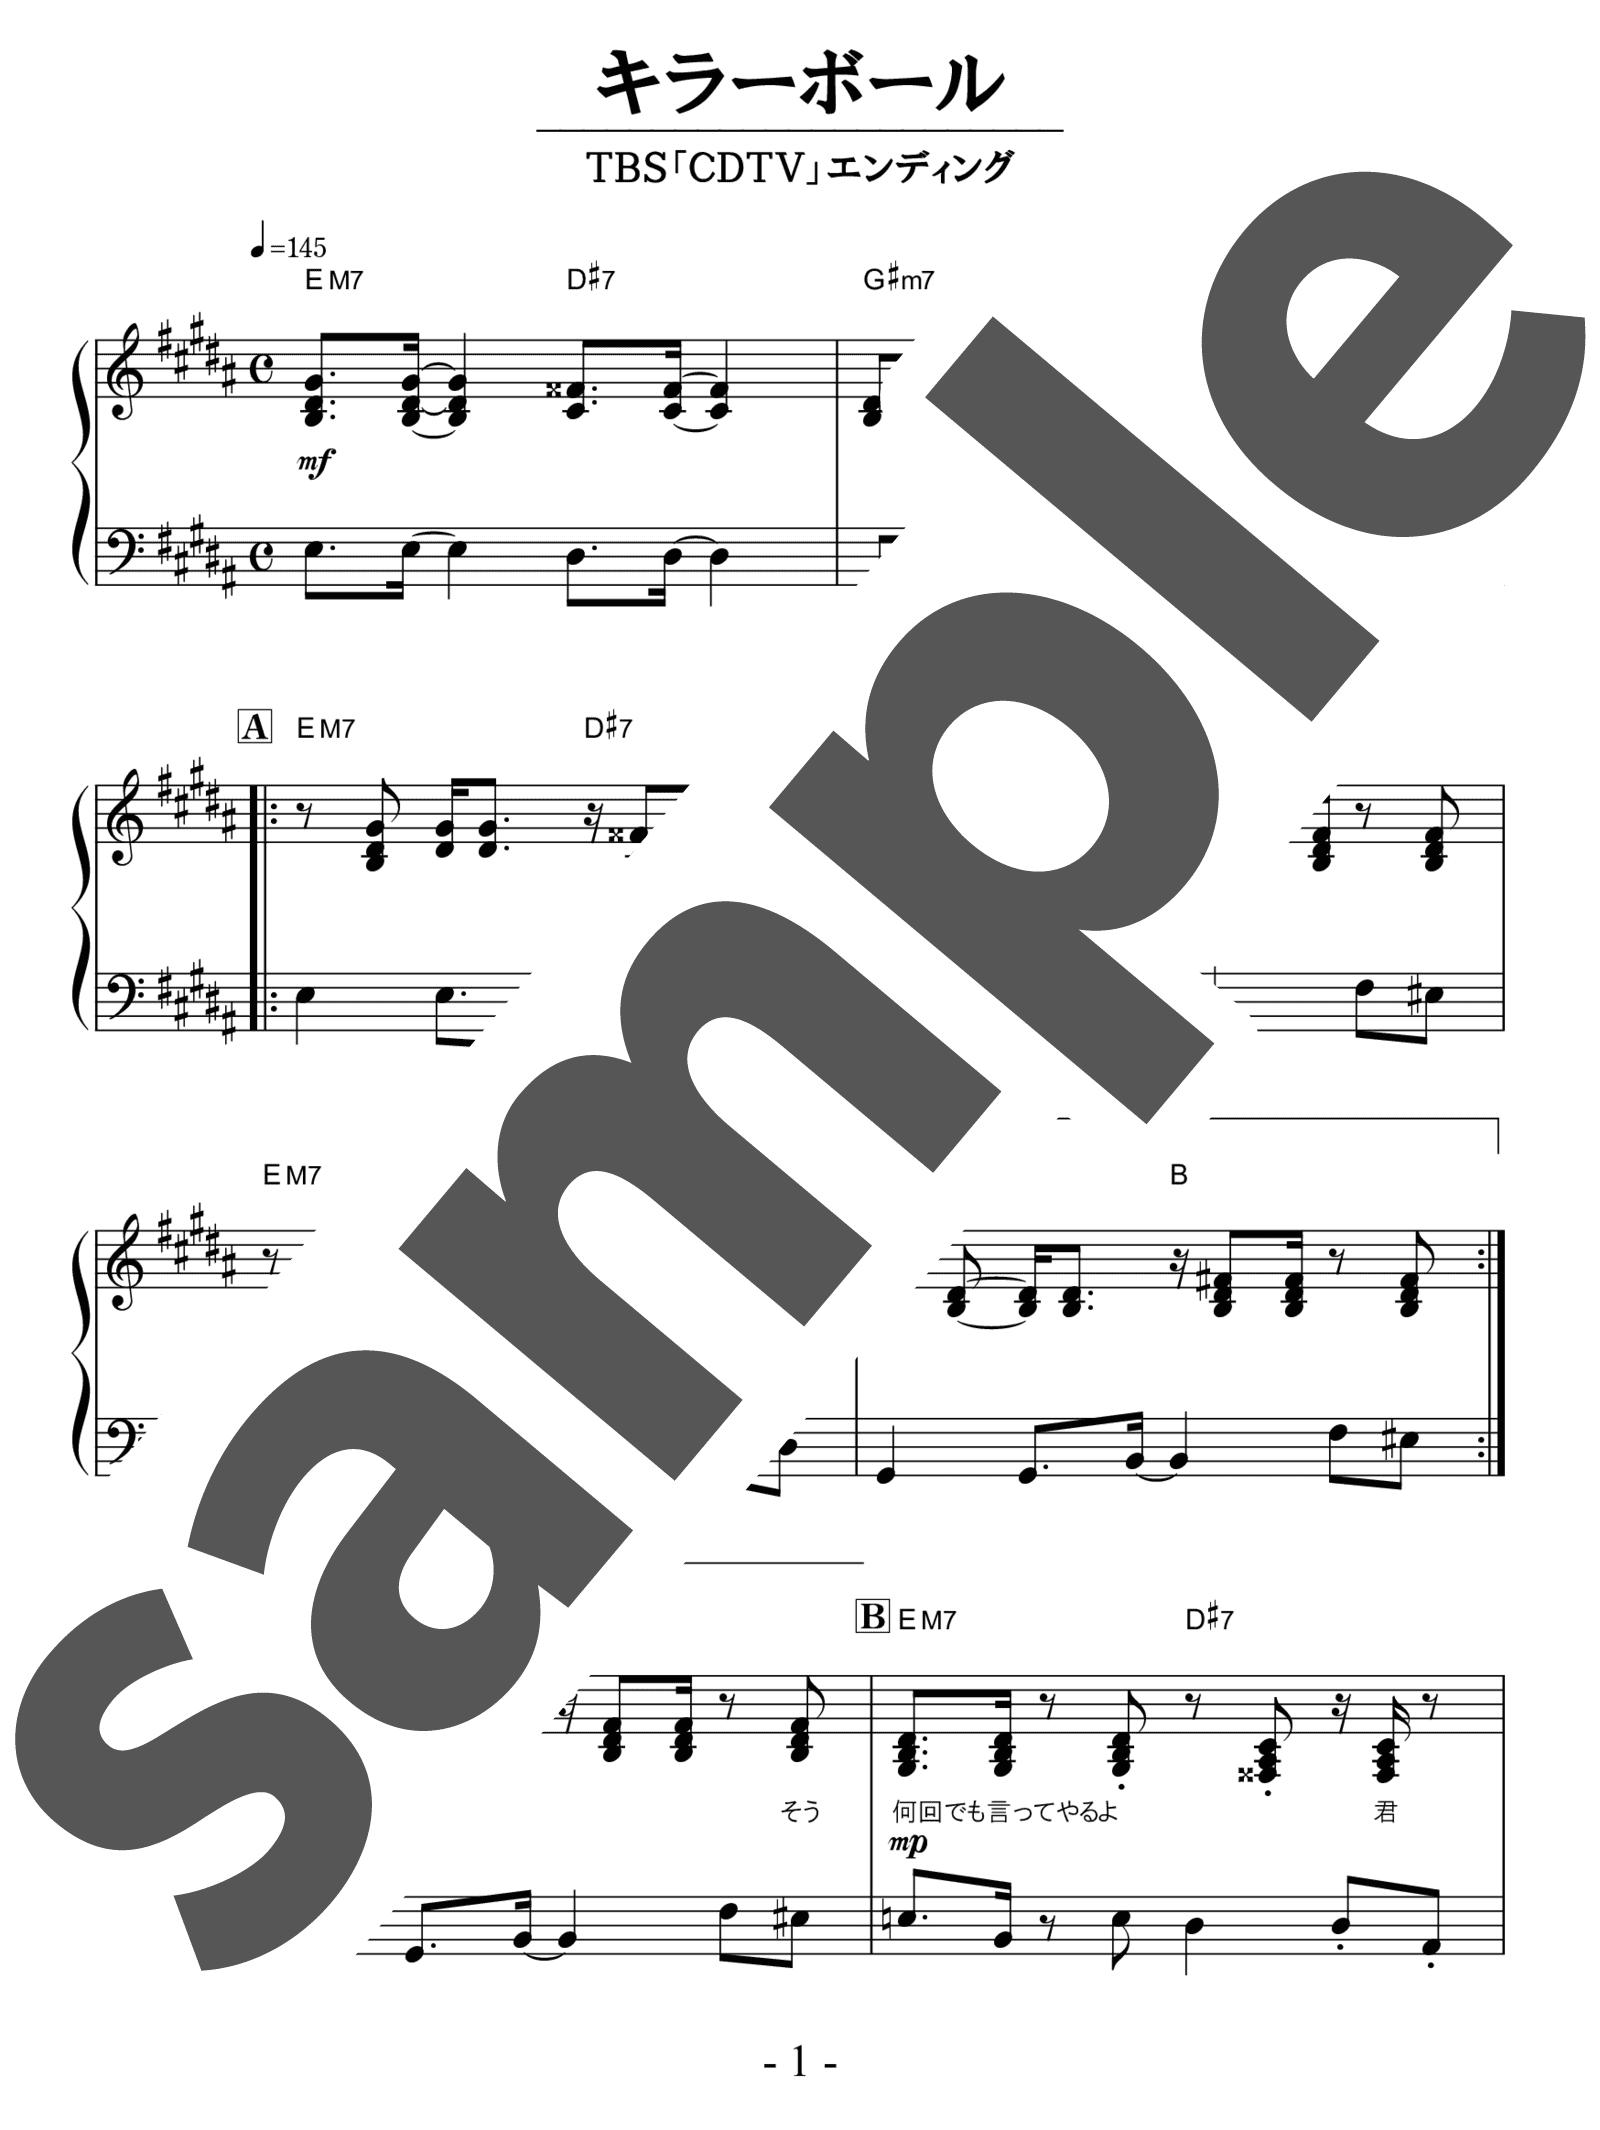 「キラーボール」のサンプル楽譜